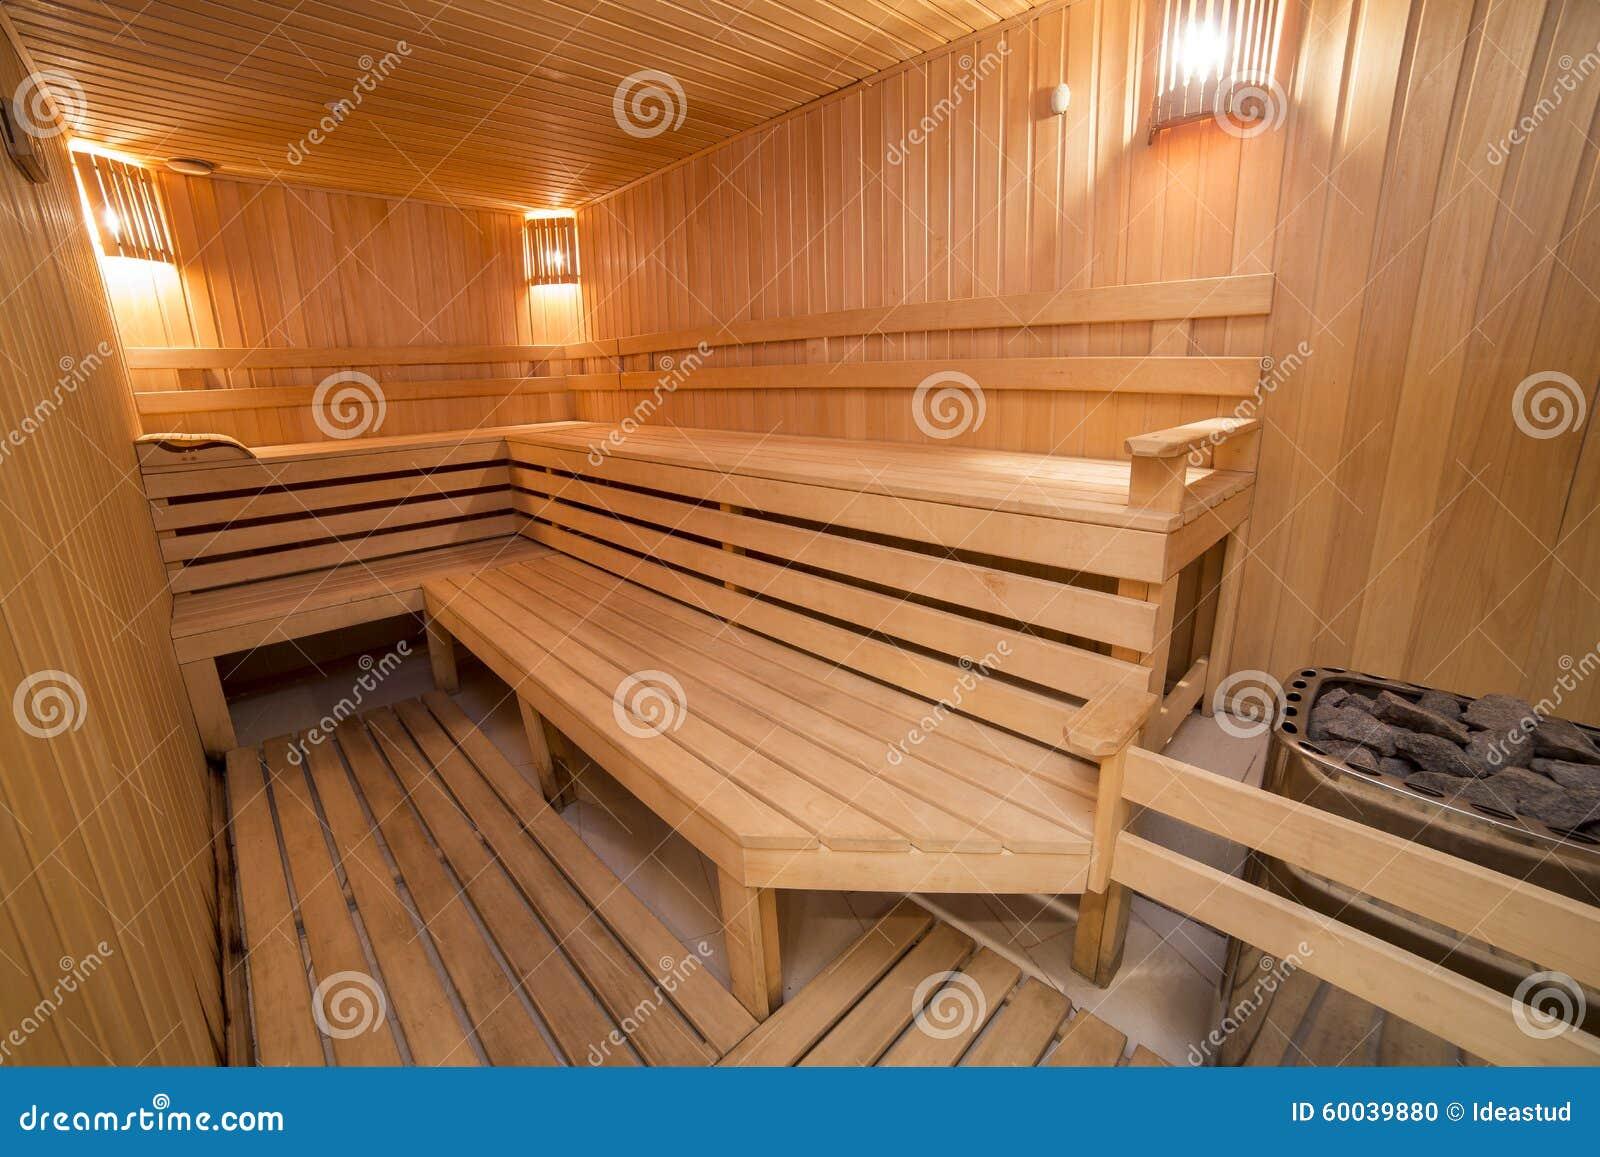 Elegant Sauna Für Zuhause Foto Von Pattern Bequemer Hölzerner Rauminnenbadekurort Der Stockfoto -